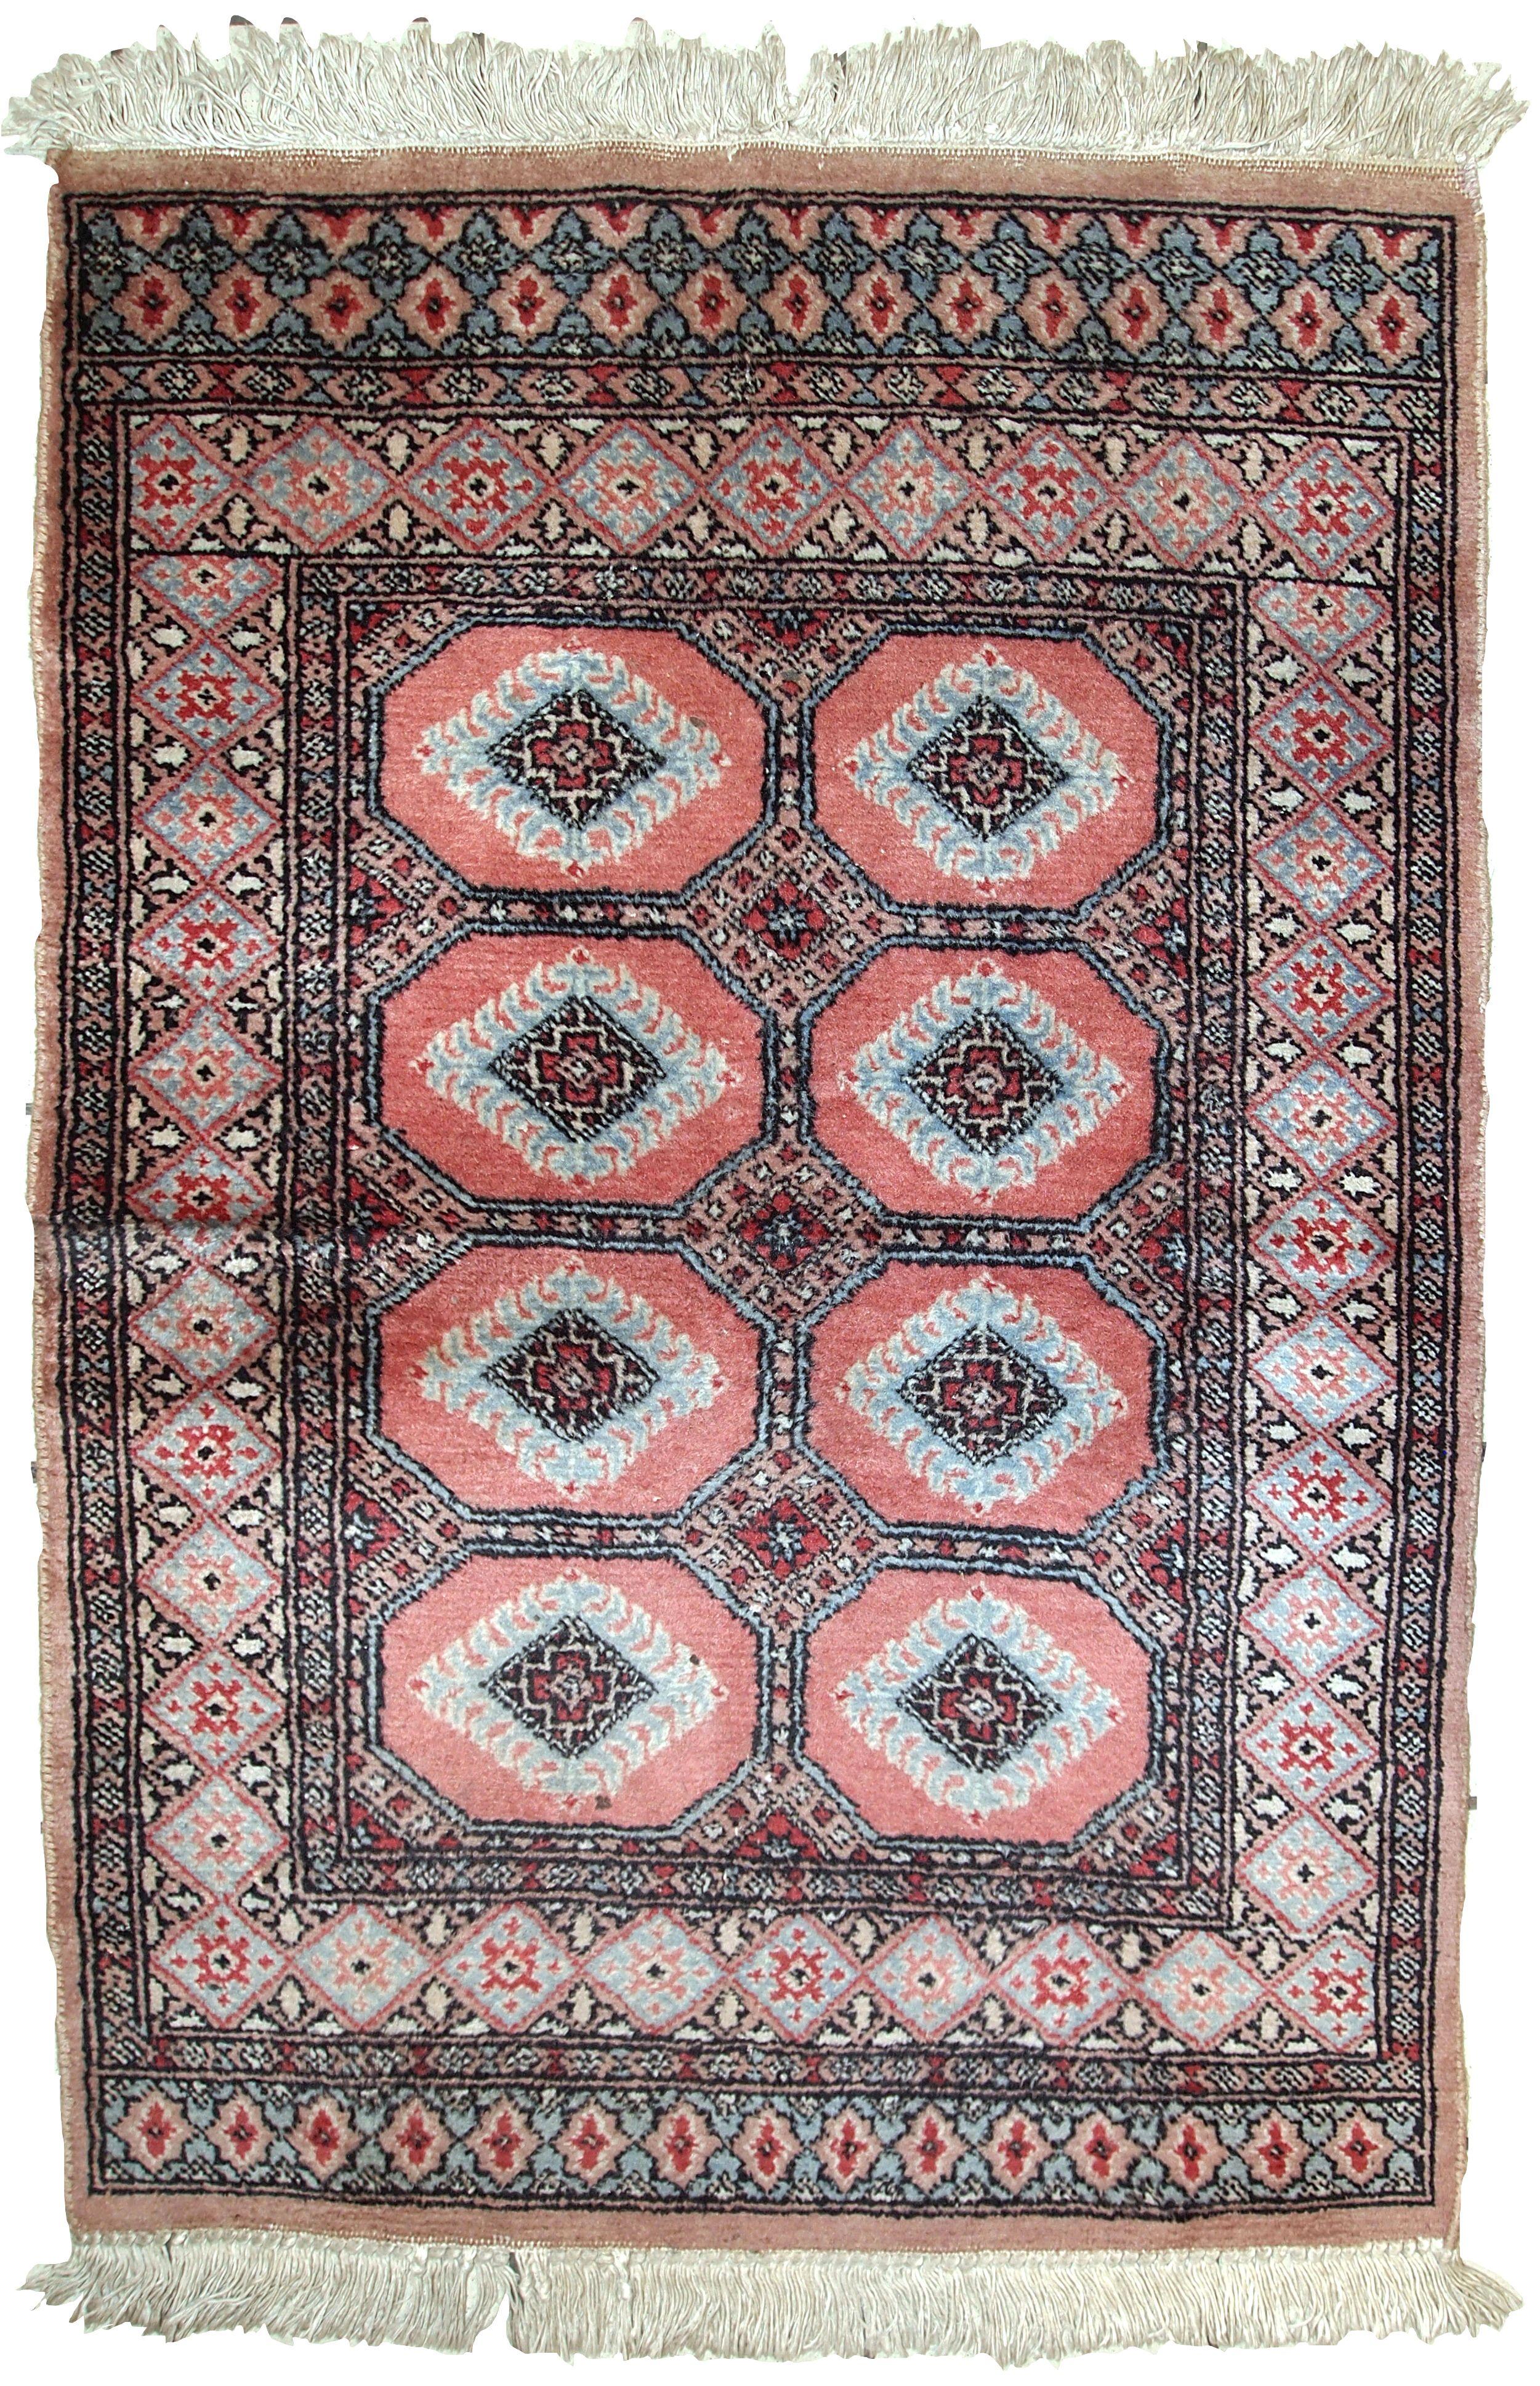 Handmade Vintage Uzbek Bukhara Rug In Pink Shade Of Wool Rugs Vintage Carpet Handmade